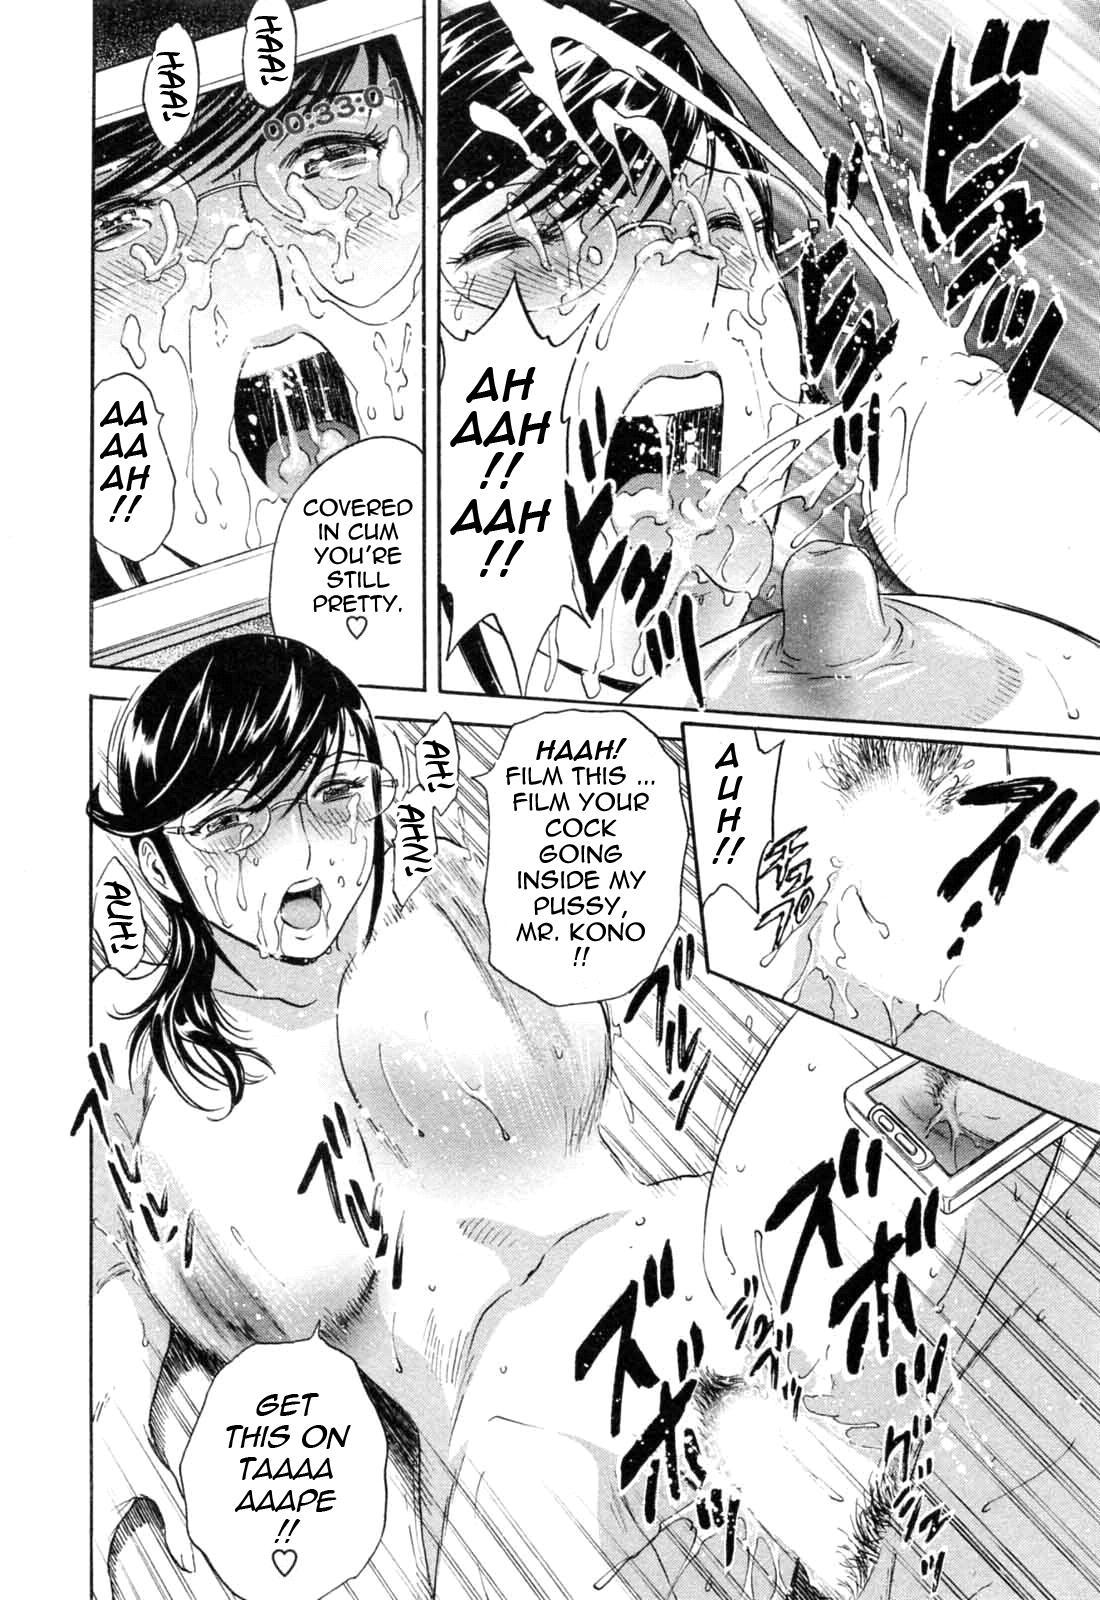 [Hidemaru] Mo-Retsu! Boin Sensei (Boing Boing Teacher) Vol.5 [English] [4dawgz] [Tadanohito] 107